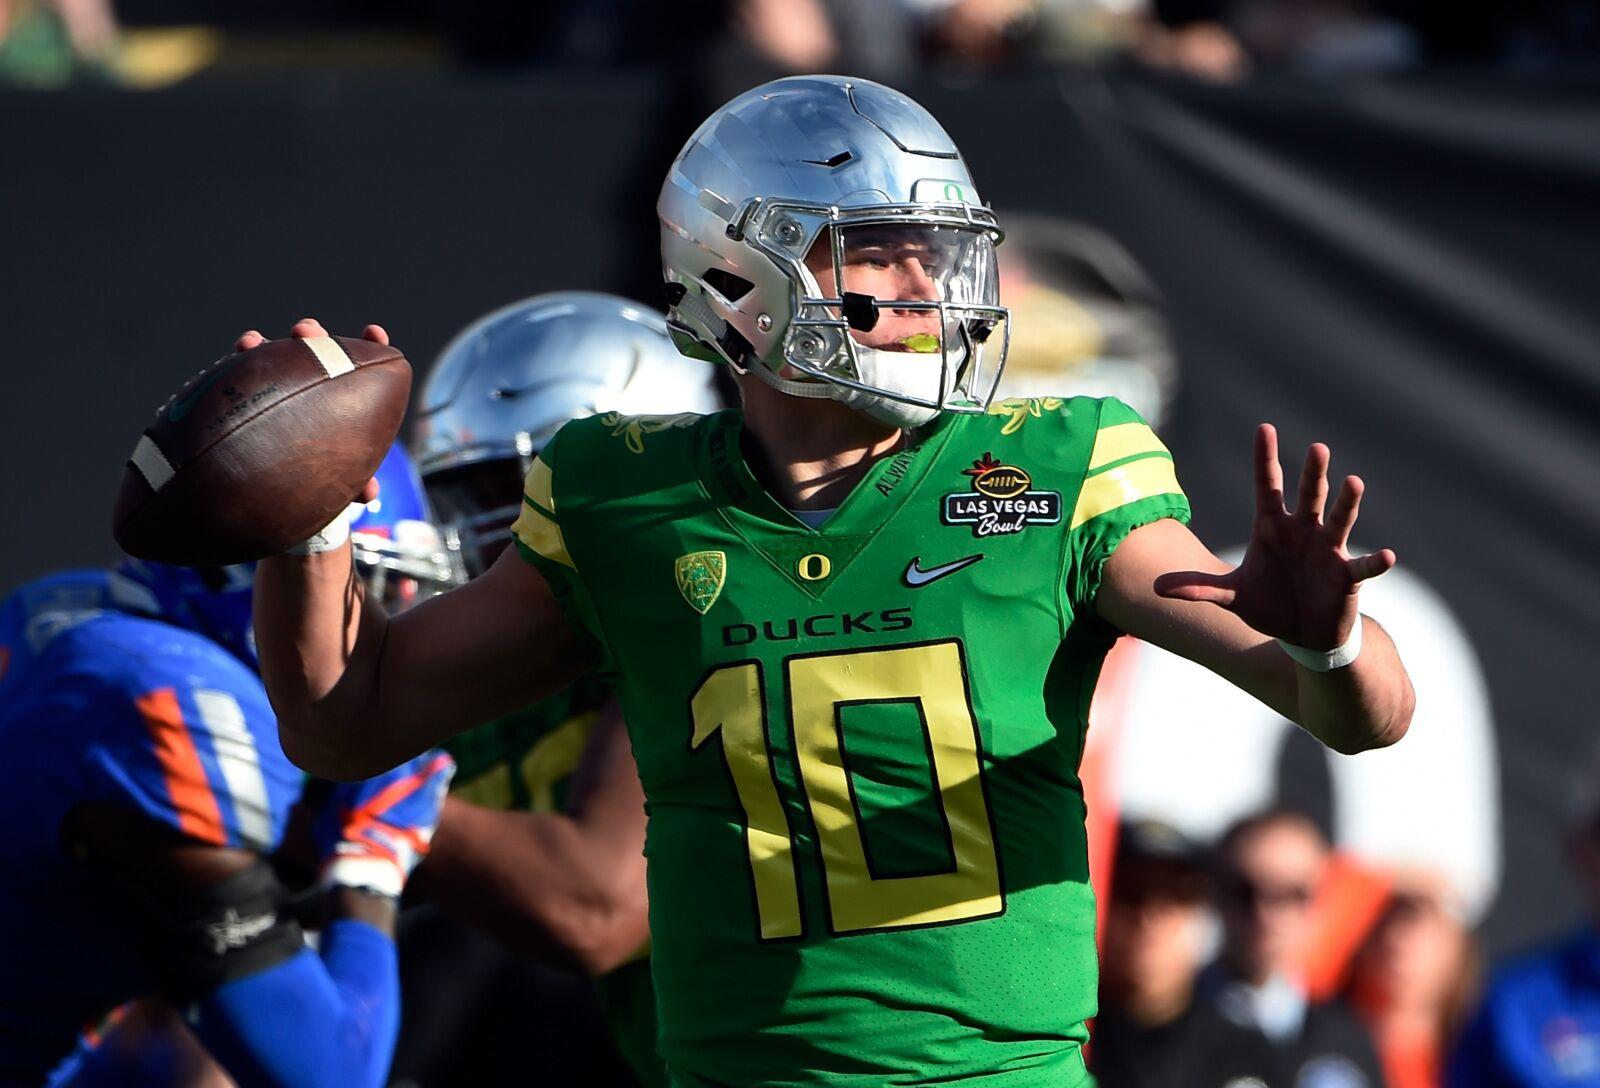 Oregon Football: Justin Herbert Returns To Practice Wednesday